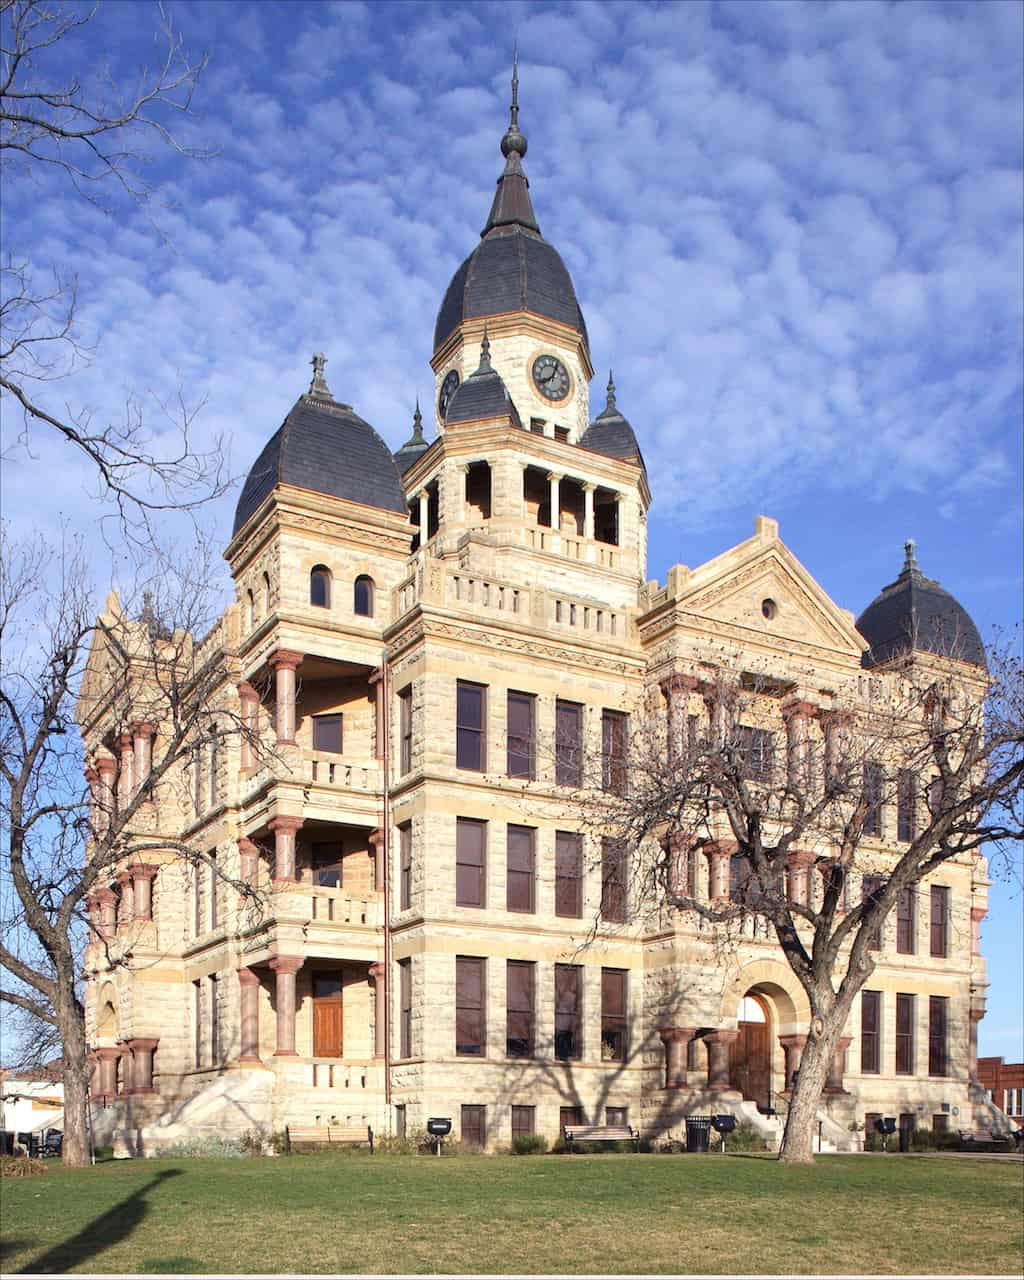 denton_historic_courthouse